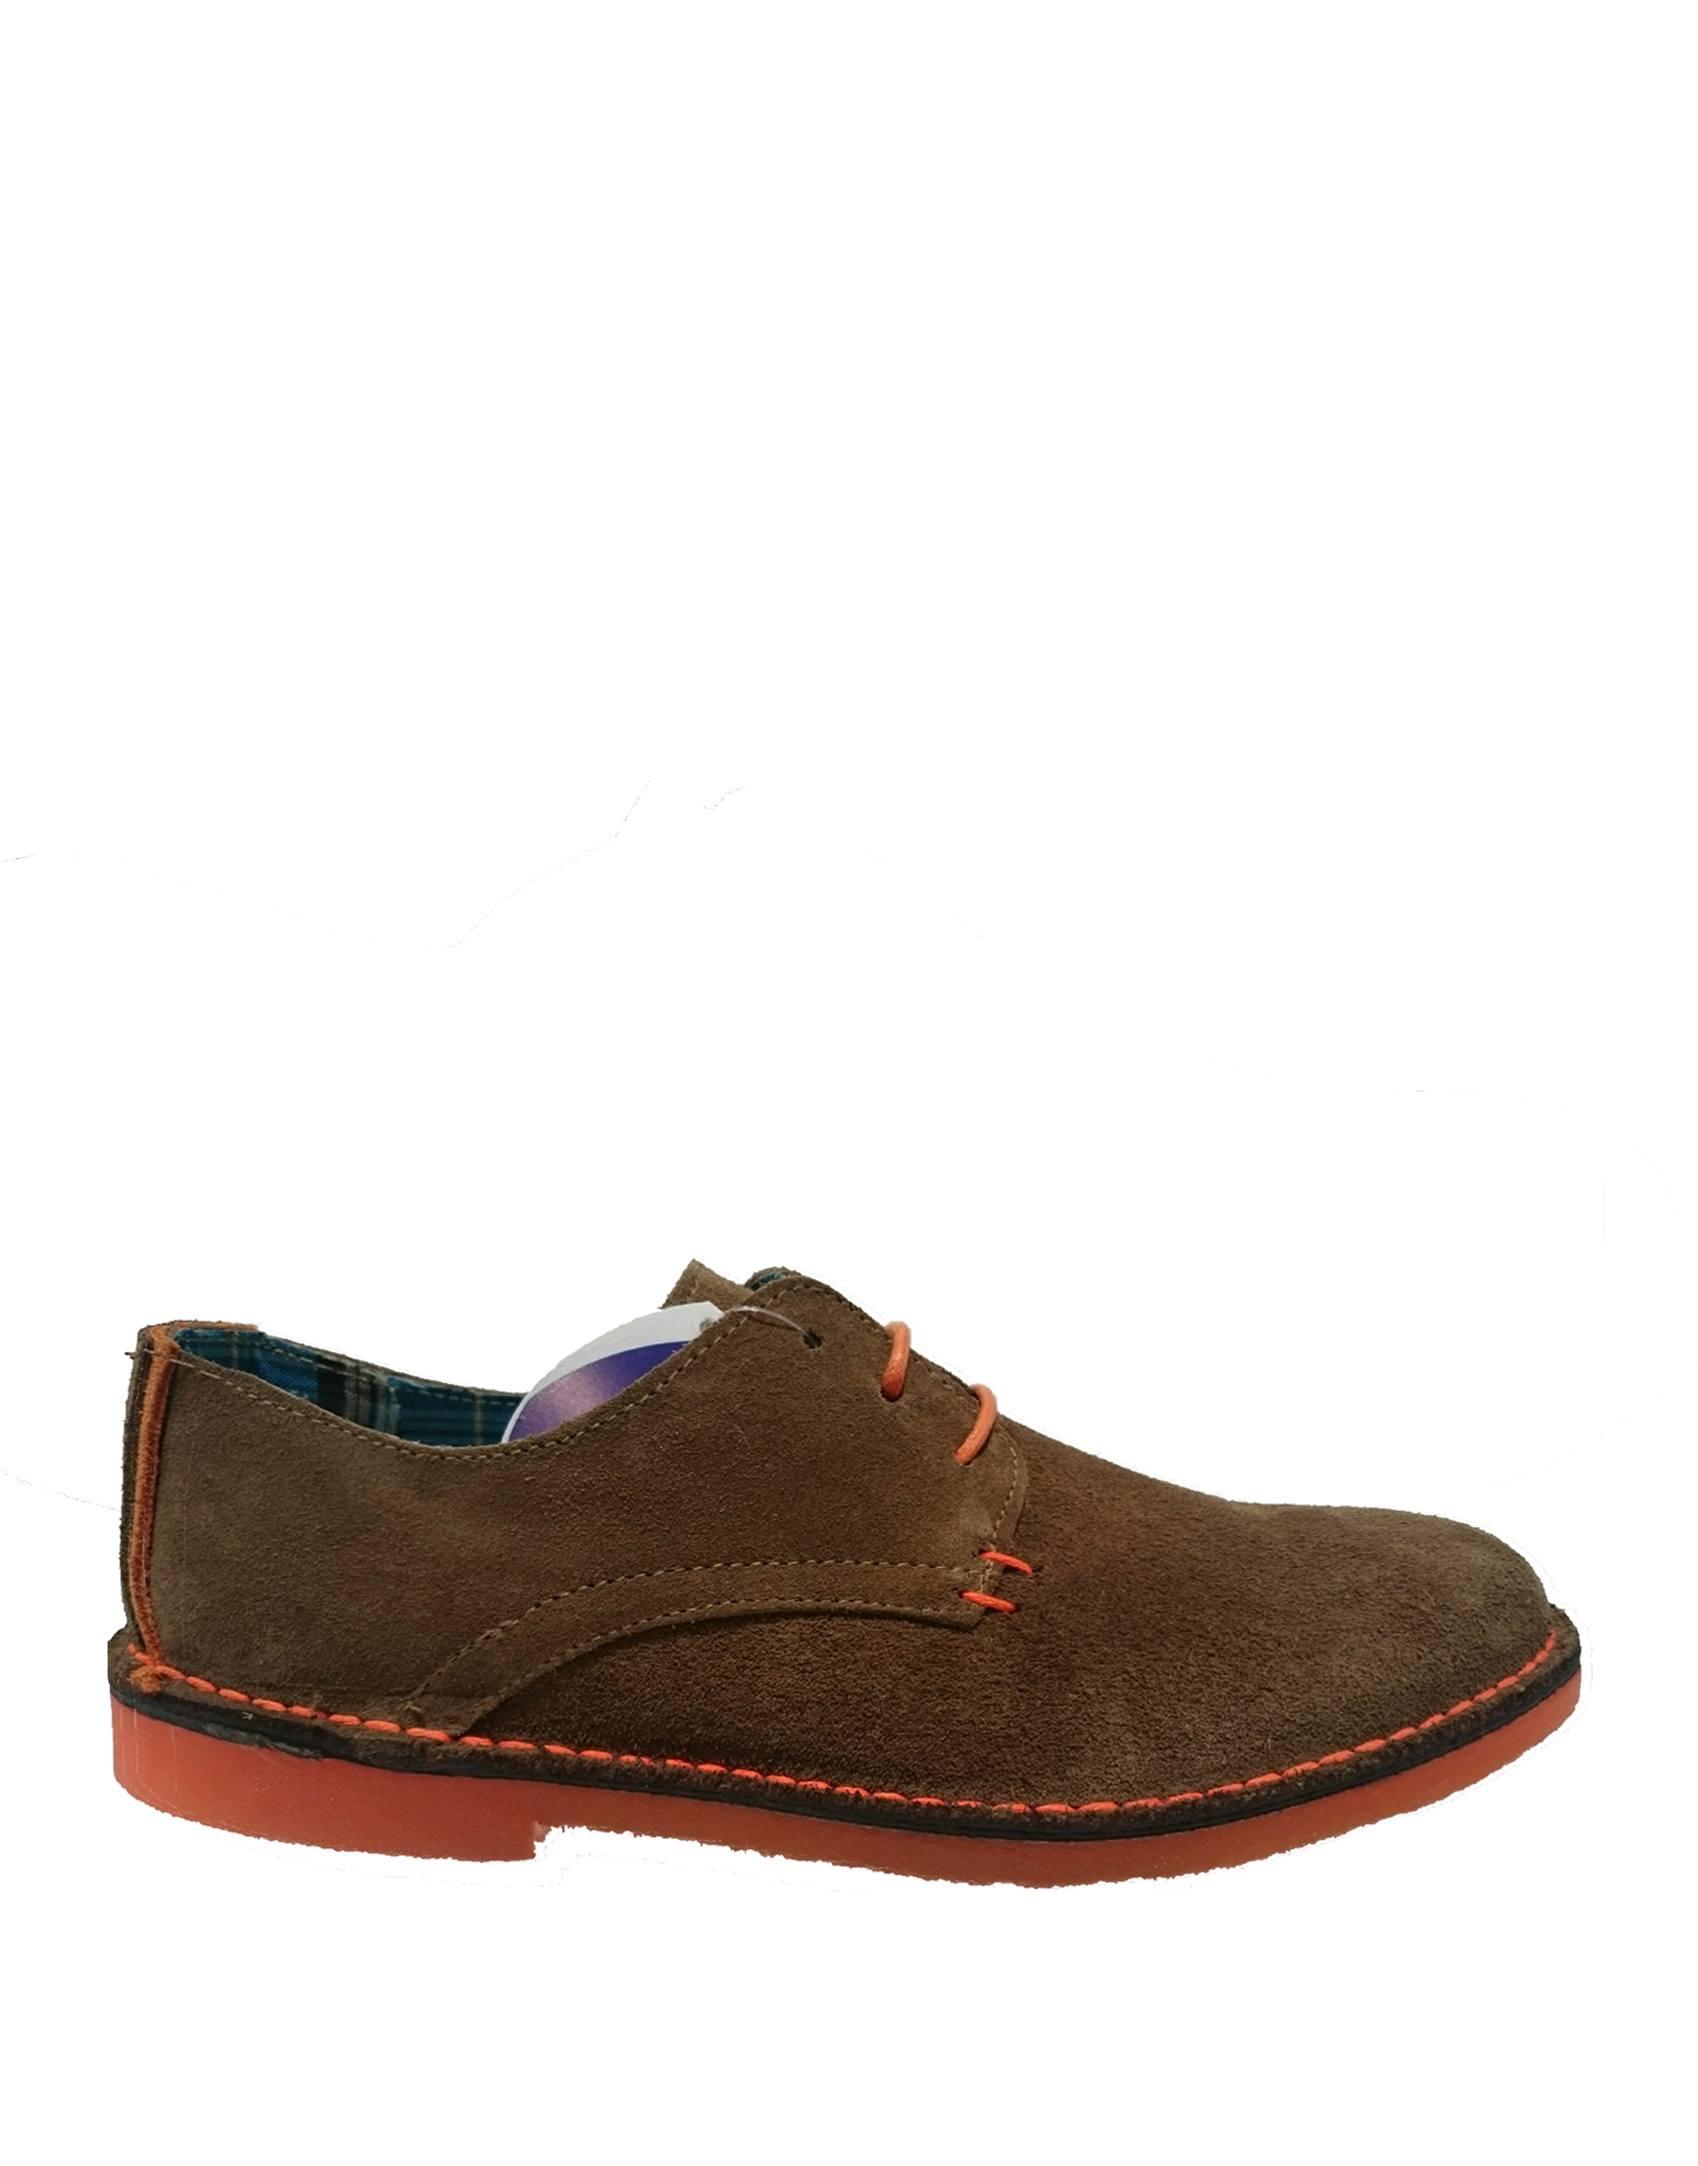 Zapato Serraje Piso Combinado Bran´s